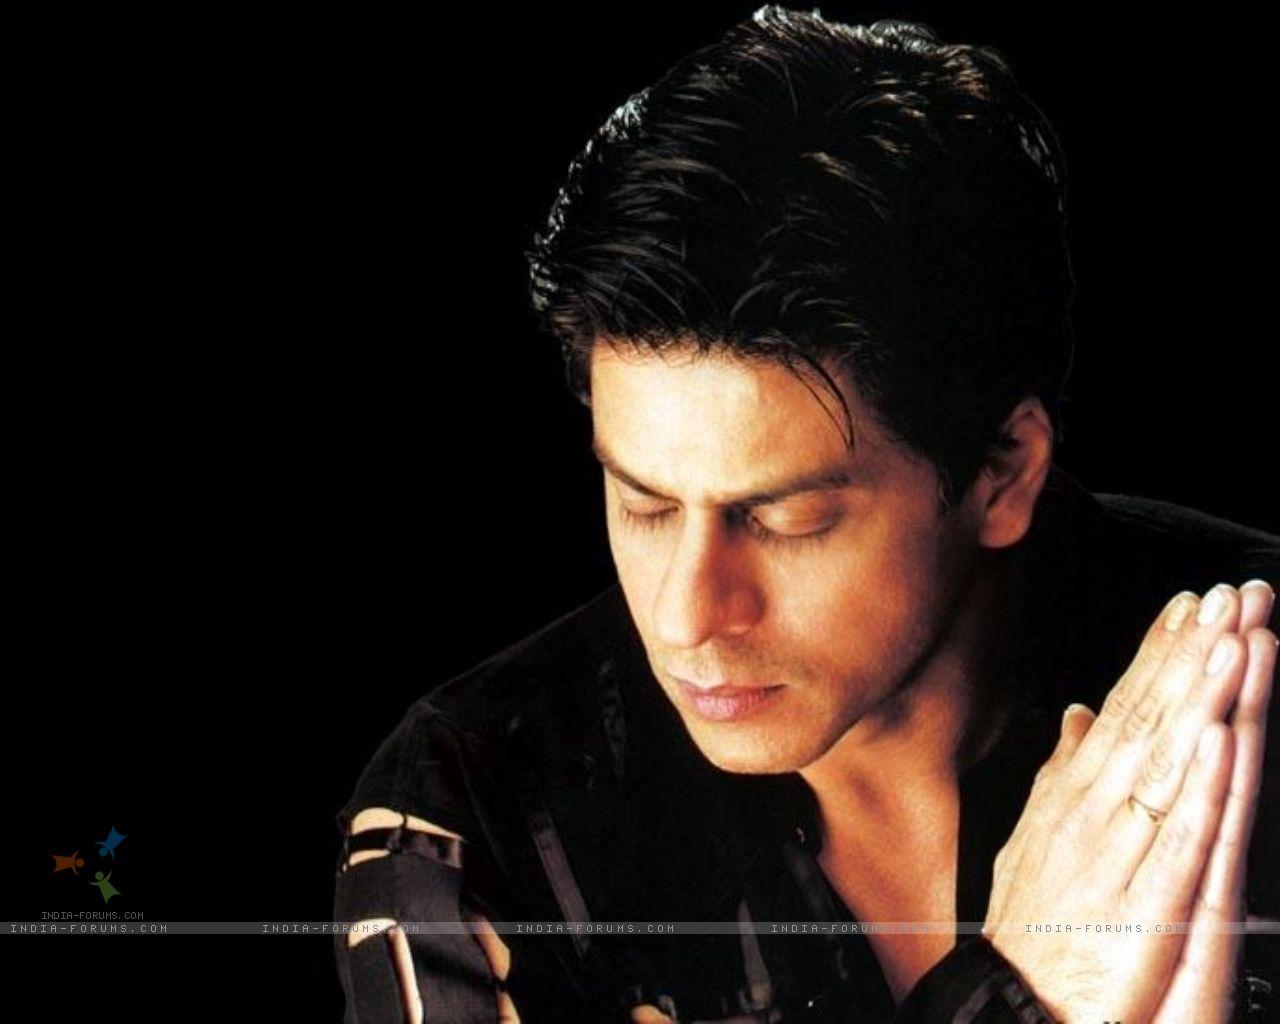 shahrukh khan Shahrukh & gauri khan 33,002 likes 714 talking about this shahrukh & gauri khan i̇le i̇lgili yapılan paylaşımlar bu sayfaya hoşgeldinizbu sayfayı.